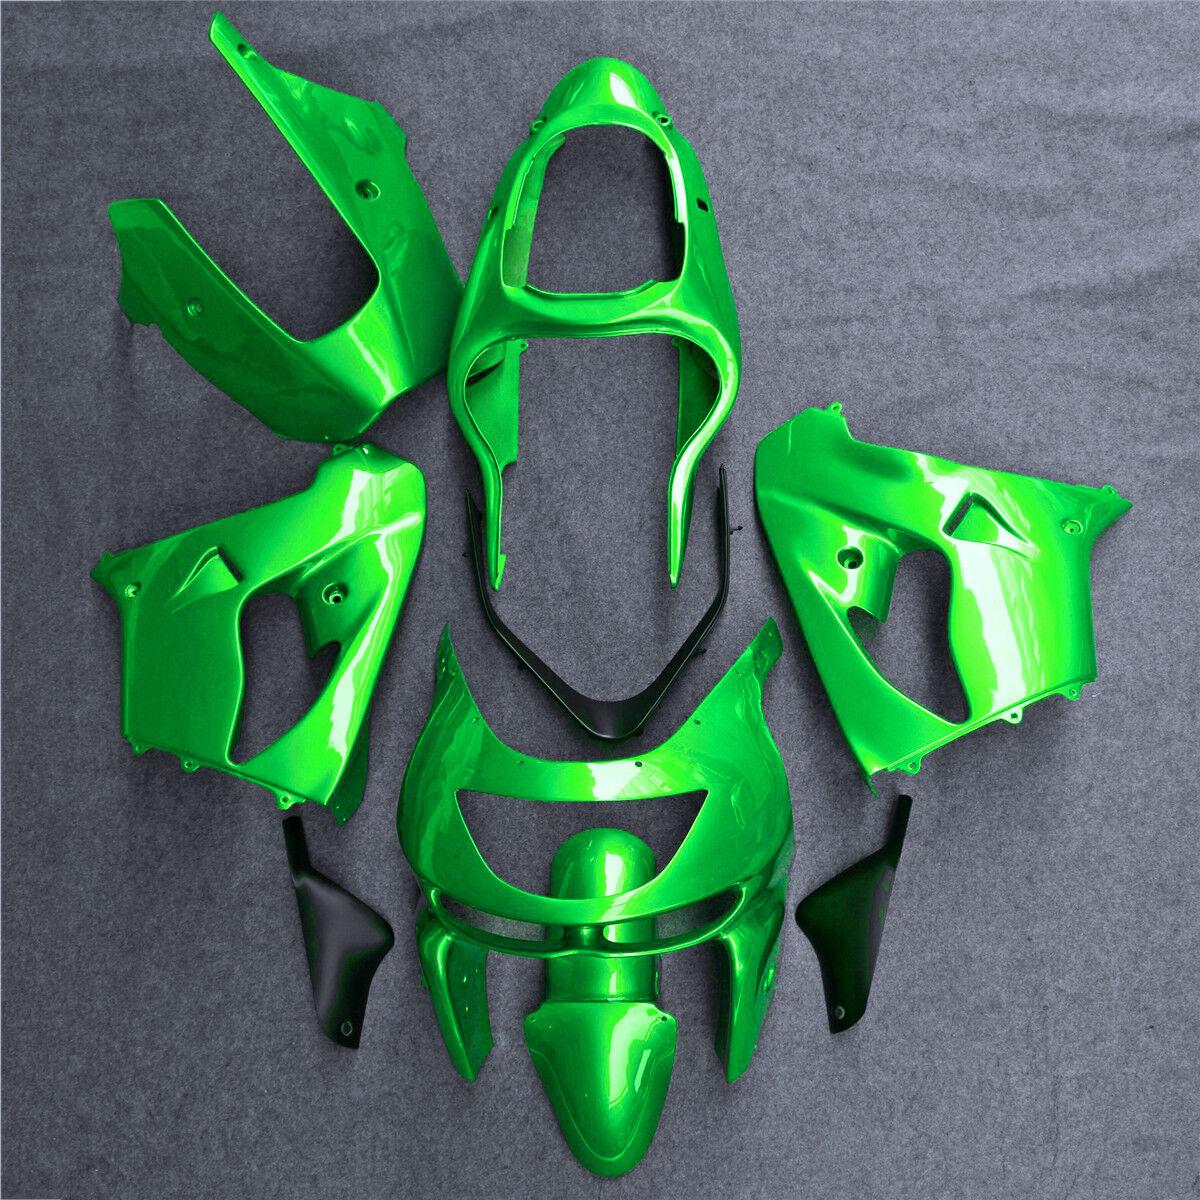 FAIRING Set Bodywork Cowl Fit For KAWASAKI 1998-1999 Ninja ZX9R Plastic Kit 004